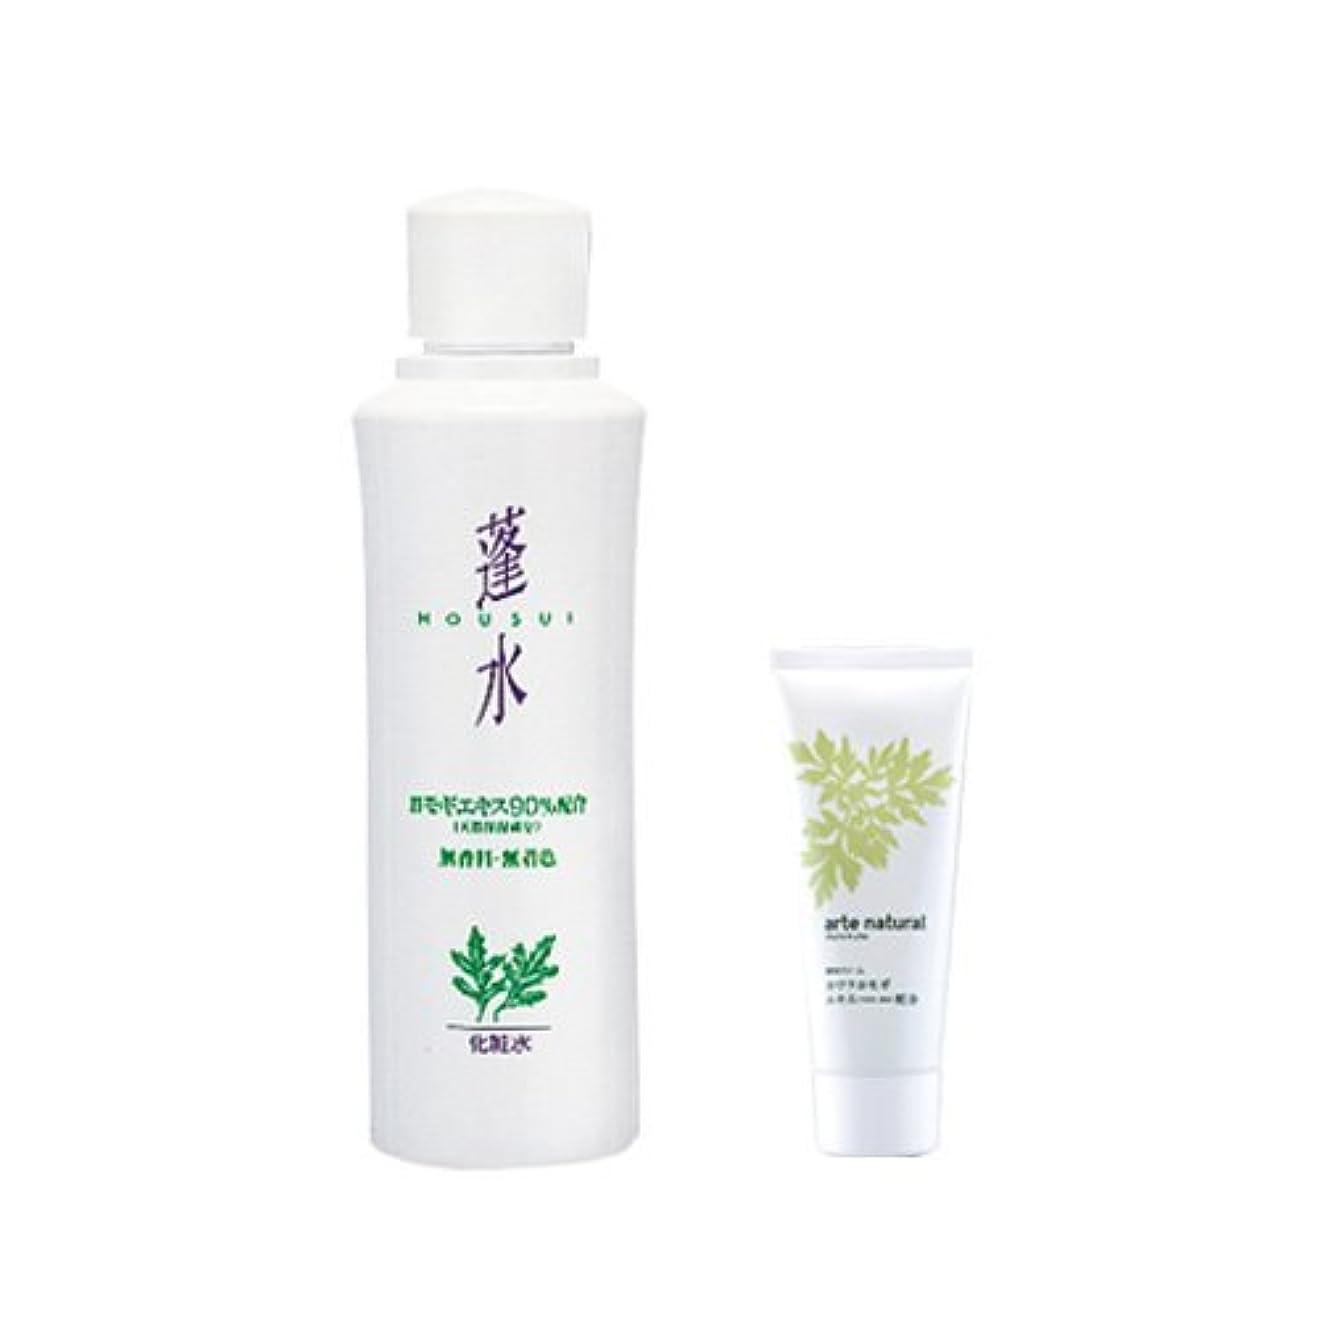 支出茎水星蓬水(ほうすい)よもぎ化粧水+アルテナチュラル25g